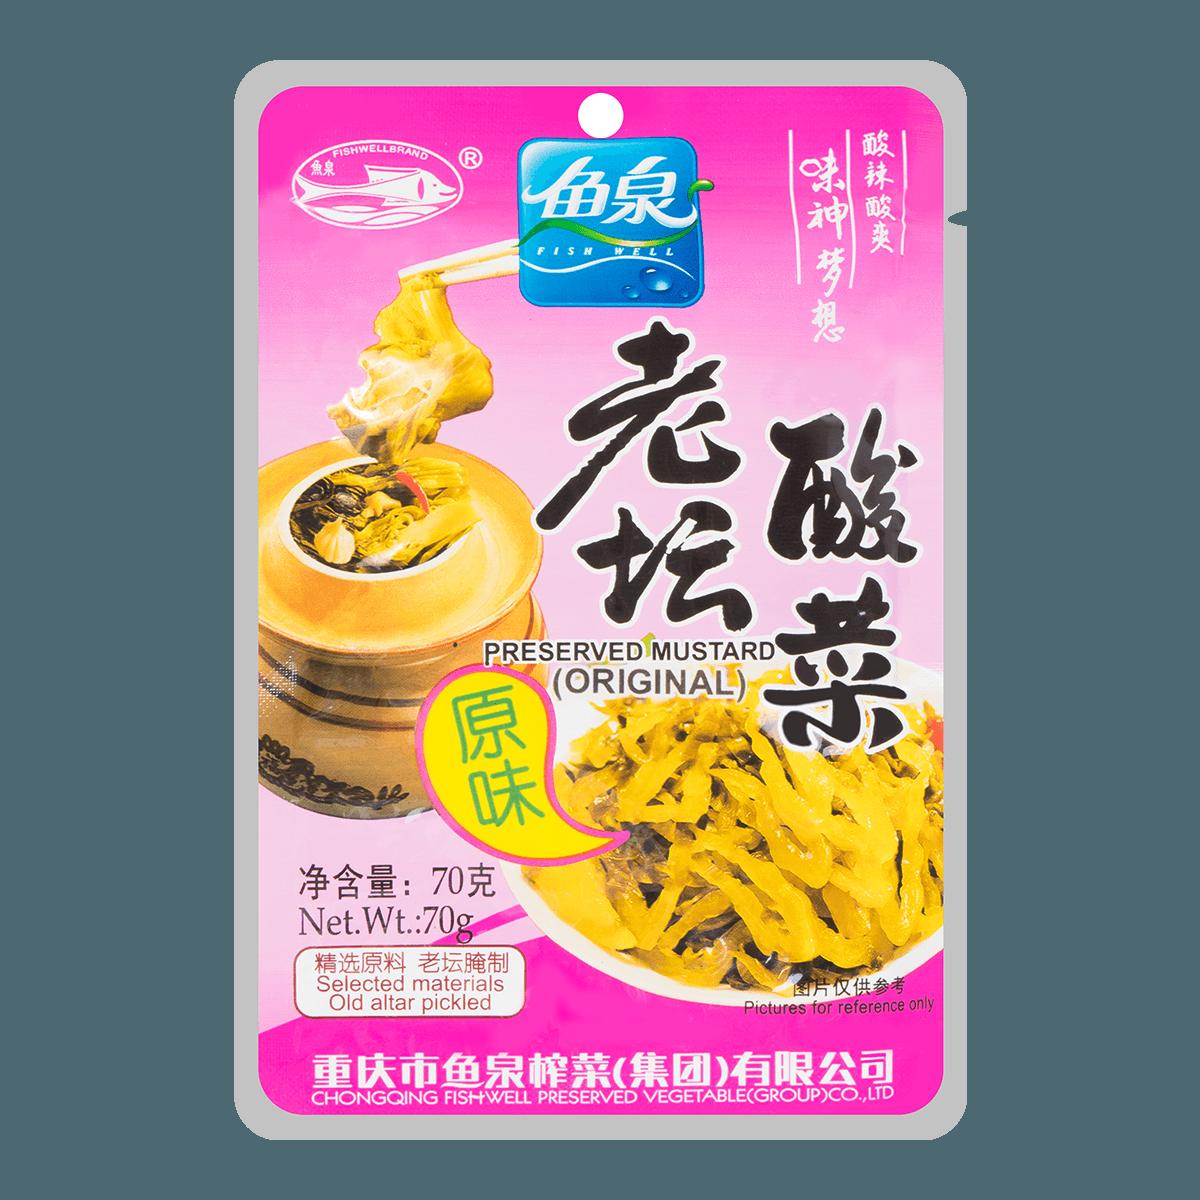 鱼泉牌 老坛酸菜 原味 70g 怎么样 - 亚米网